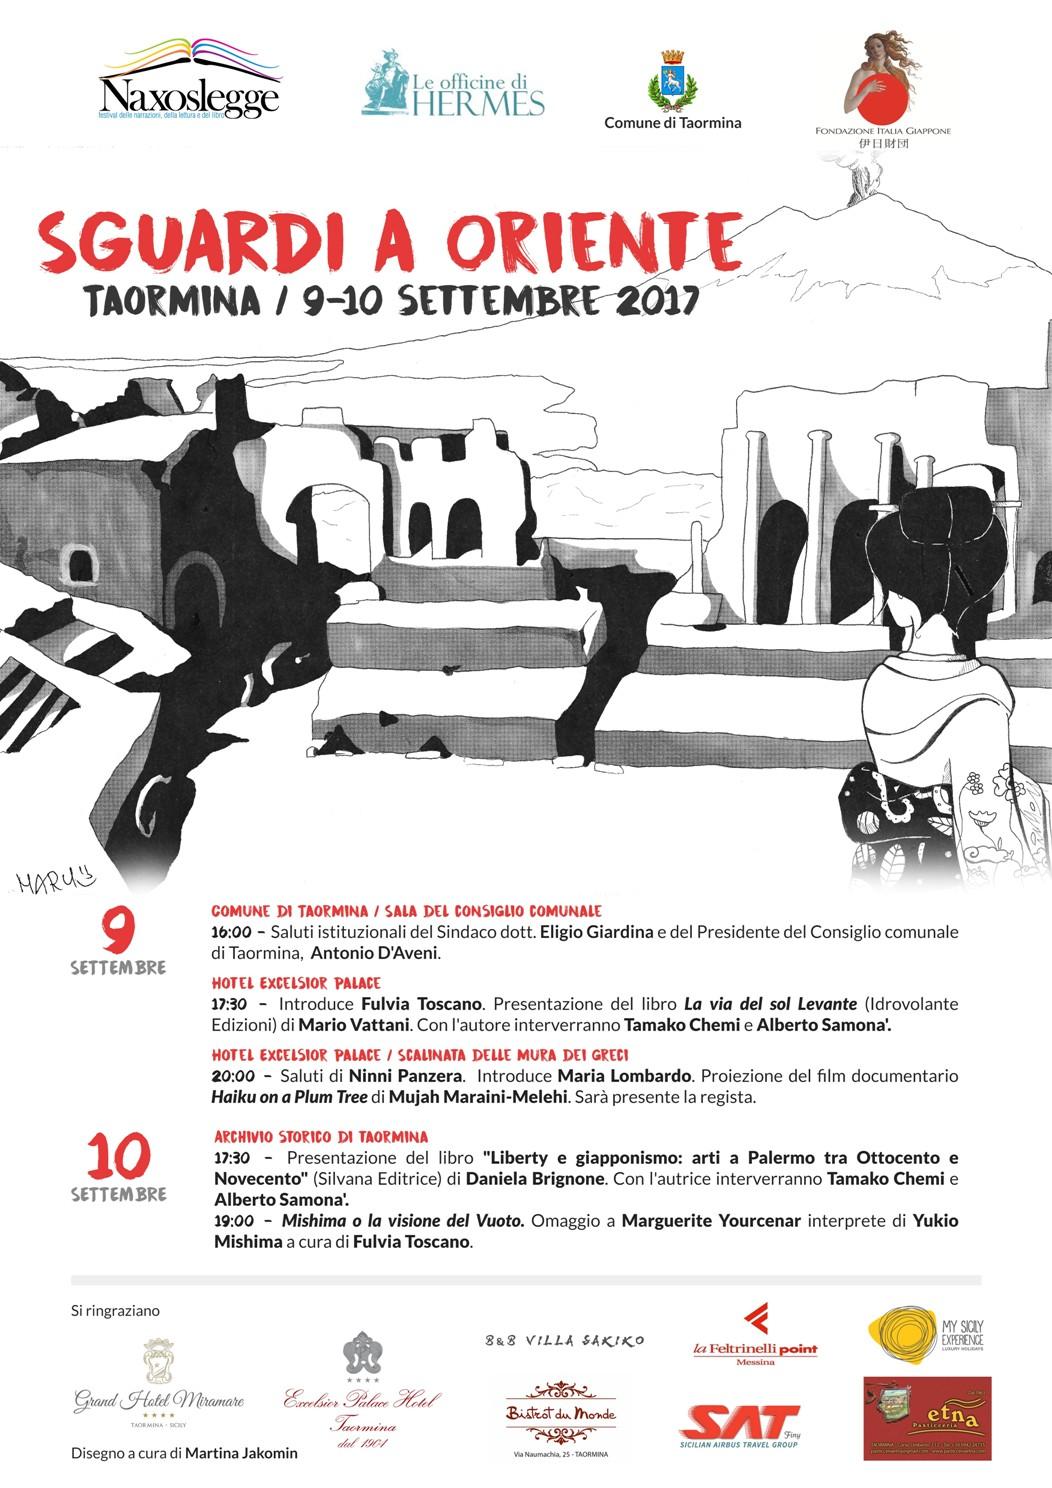 sguardi-a-oriente-05-09-17